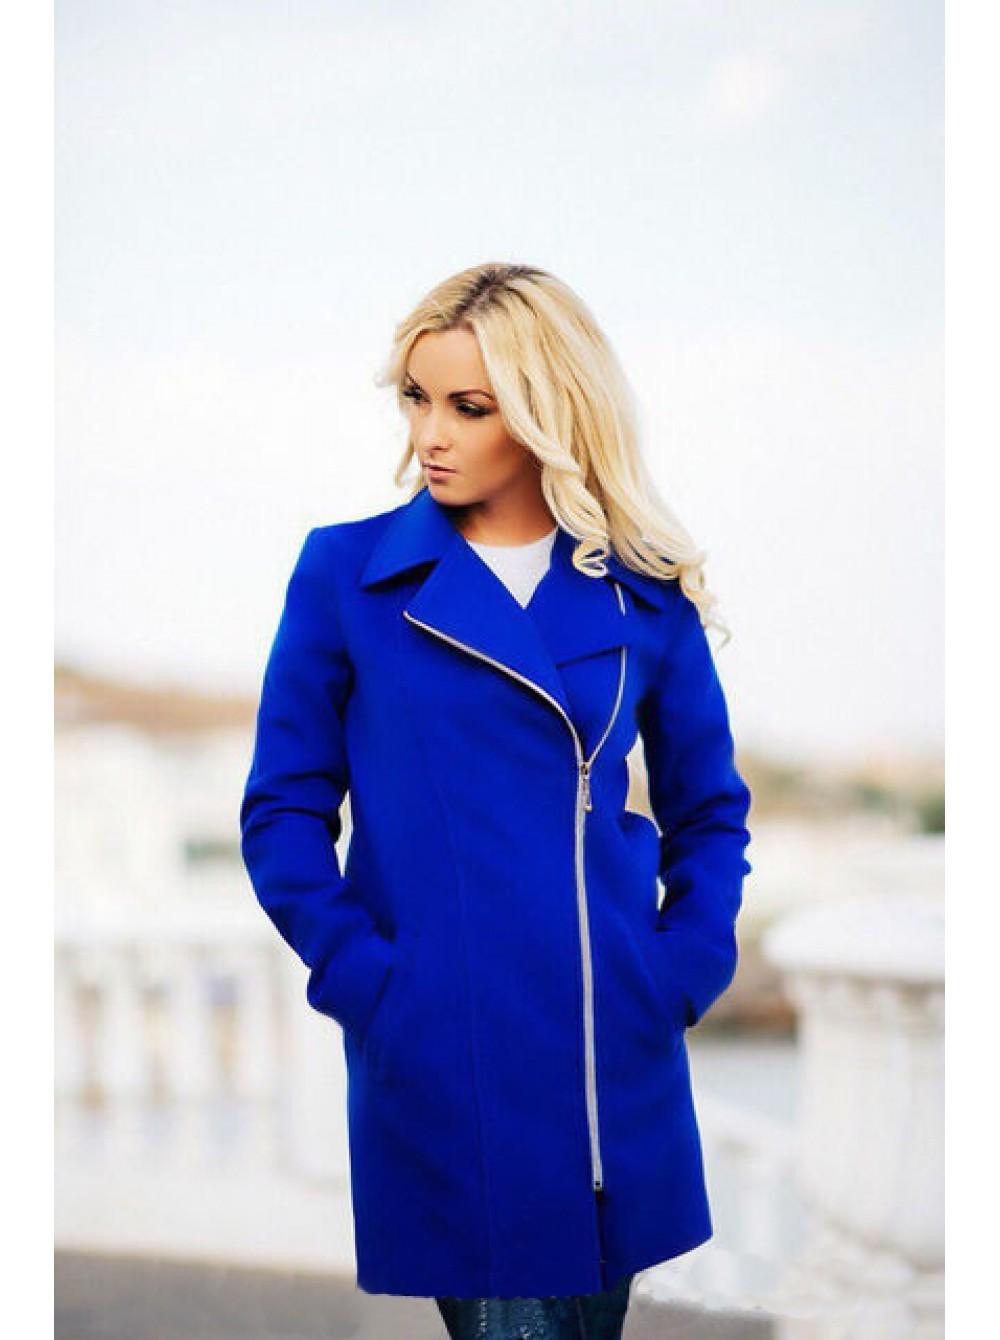 модные тенденции весна 2019 пальто: синее на змейке